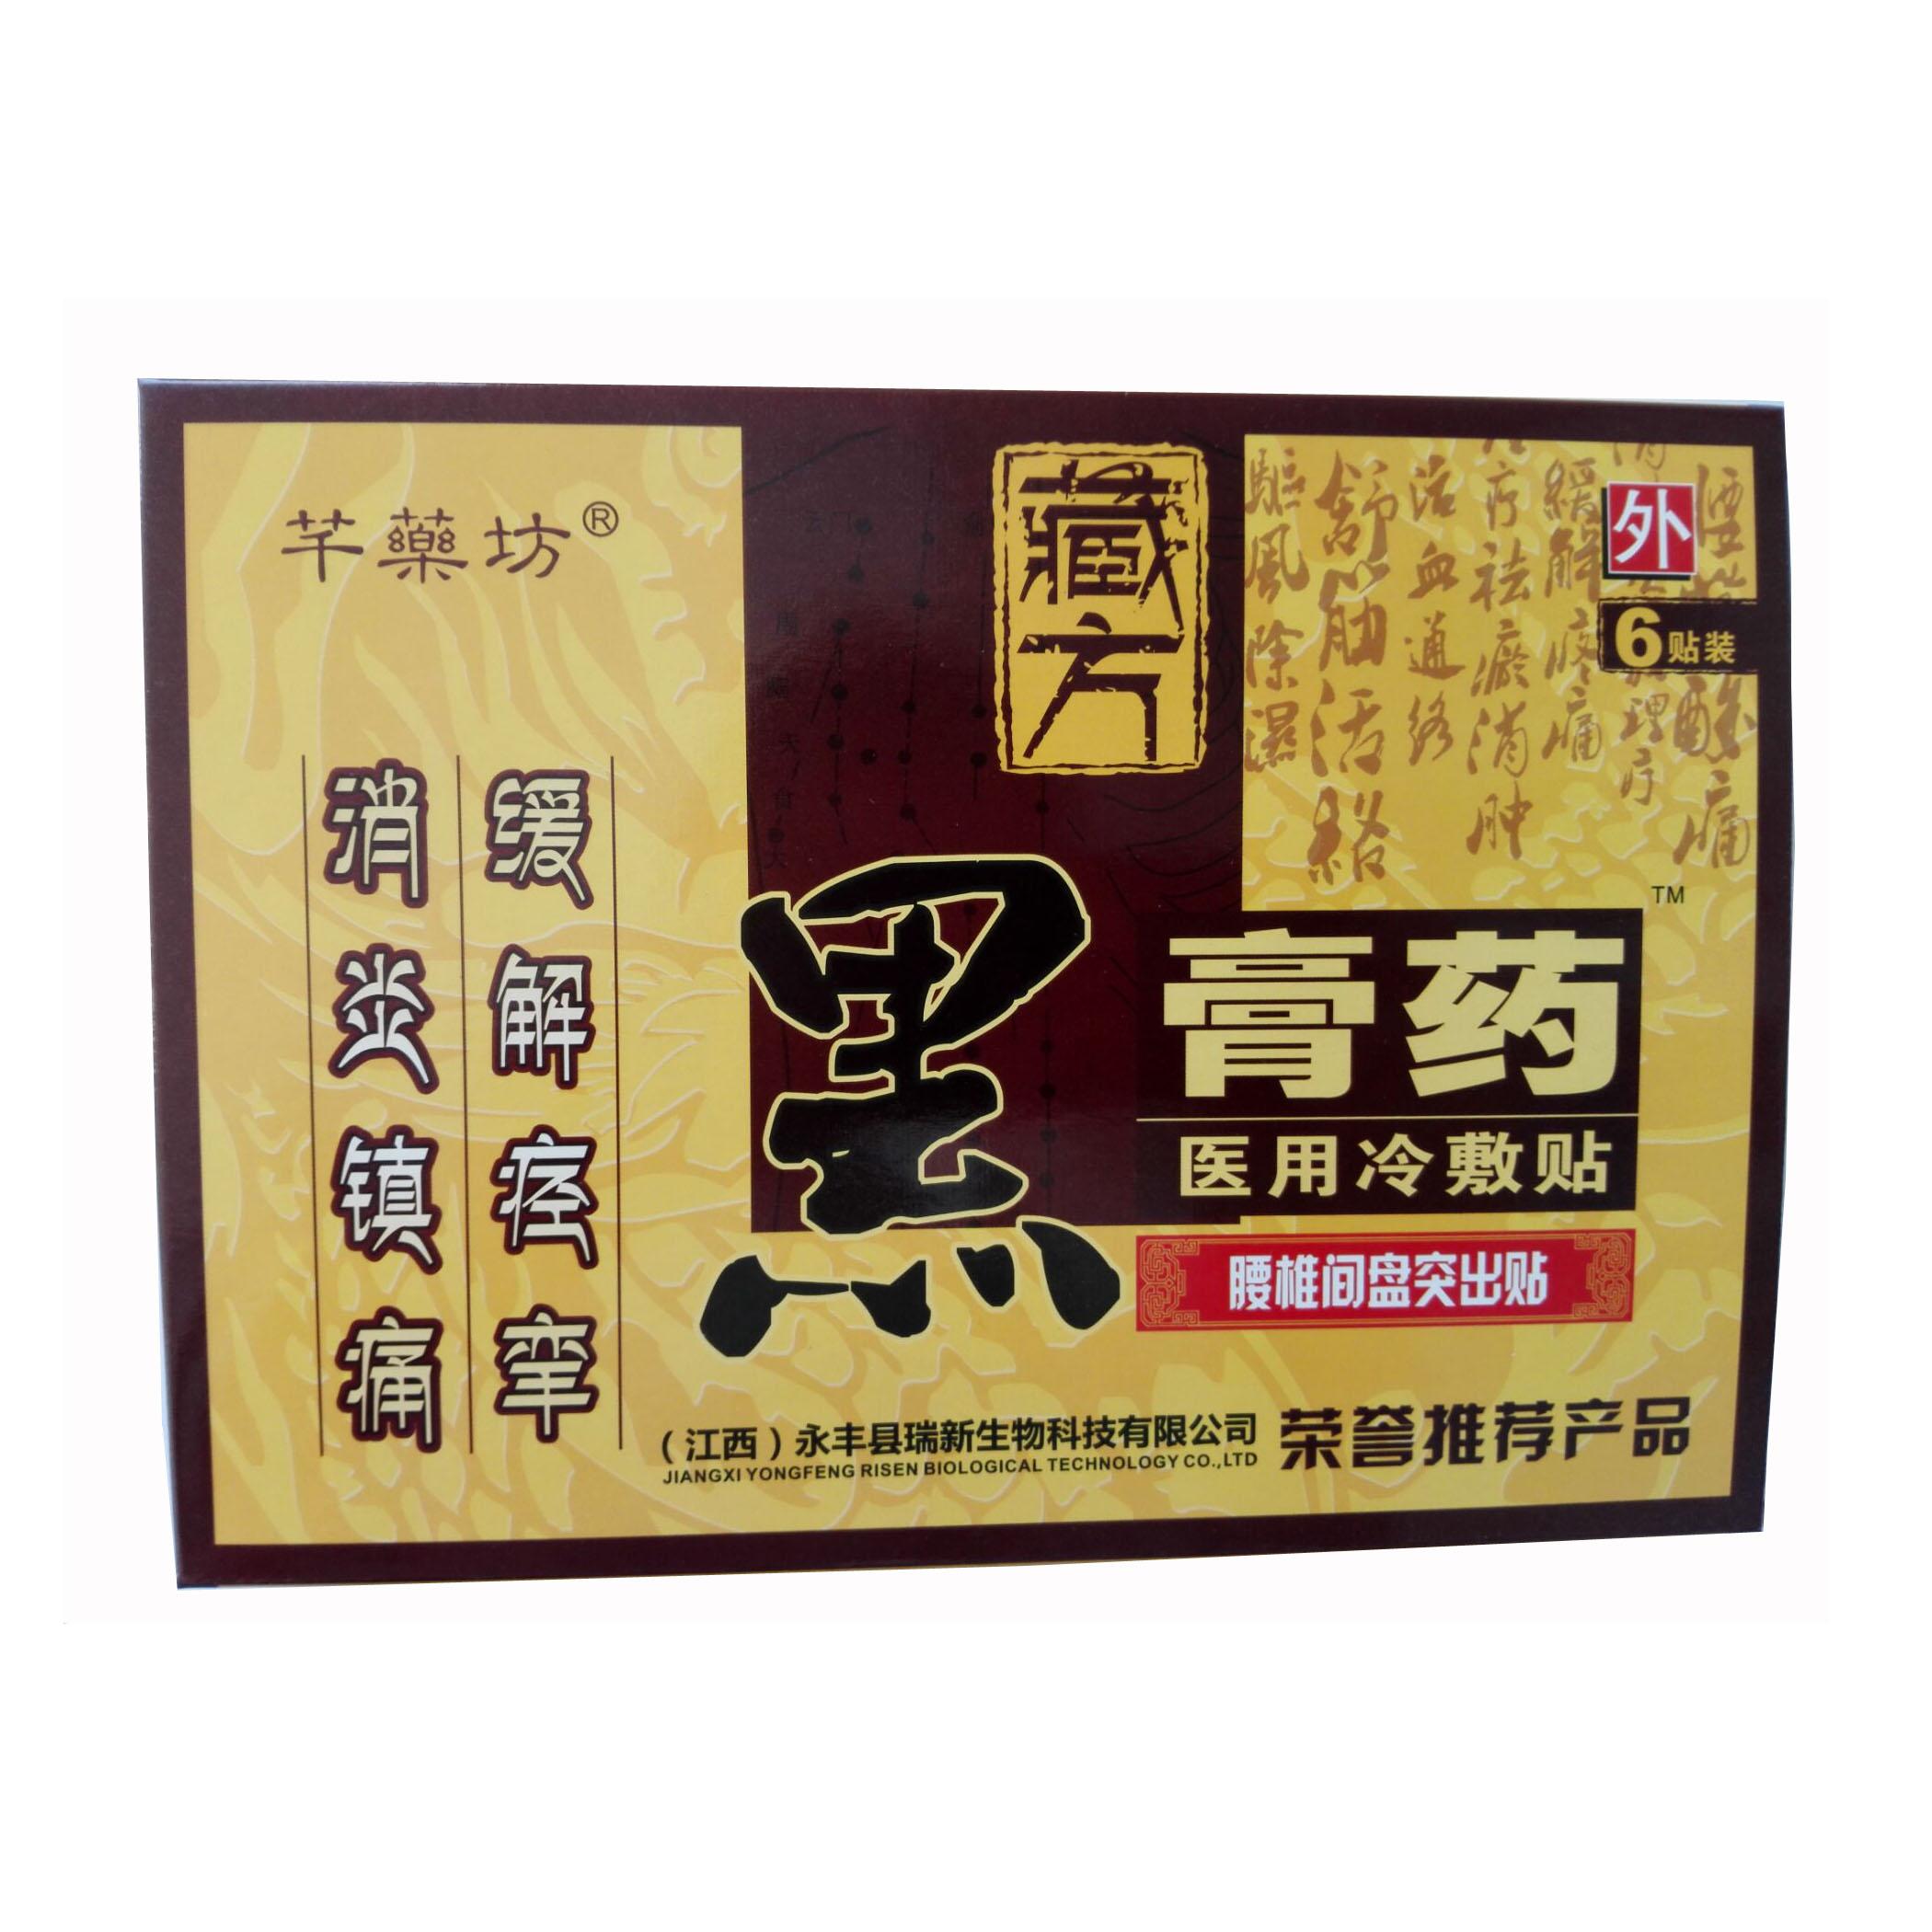 【芊藥坊】藏方黑膏药医用冷敷贴(腰椎间盘突出贴)